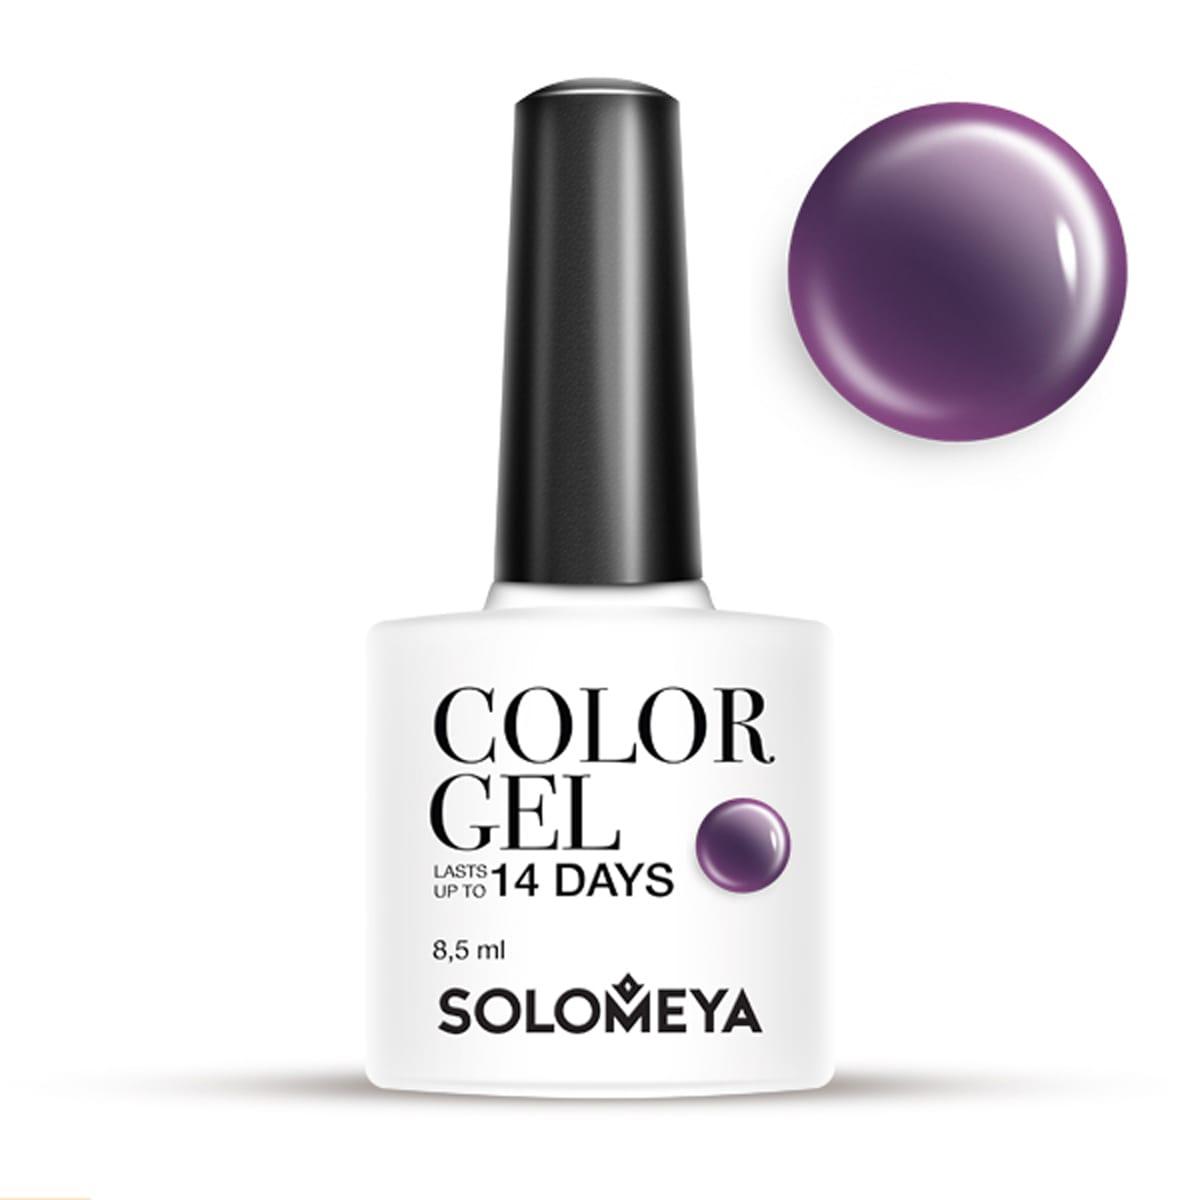 SOLOMEYA Гель-лак для ногтей SCG066 Орион / Color Gel Orion 8,5мл трансформаторы купить т 066 уз 200 5